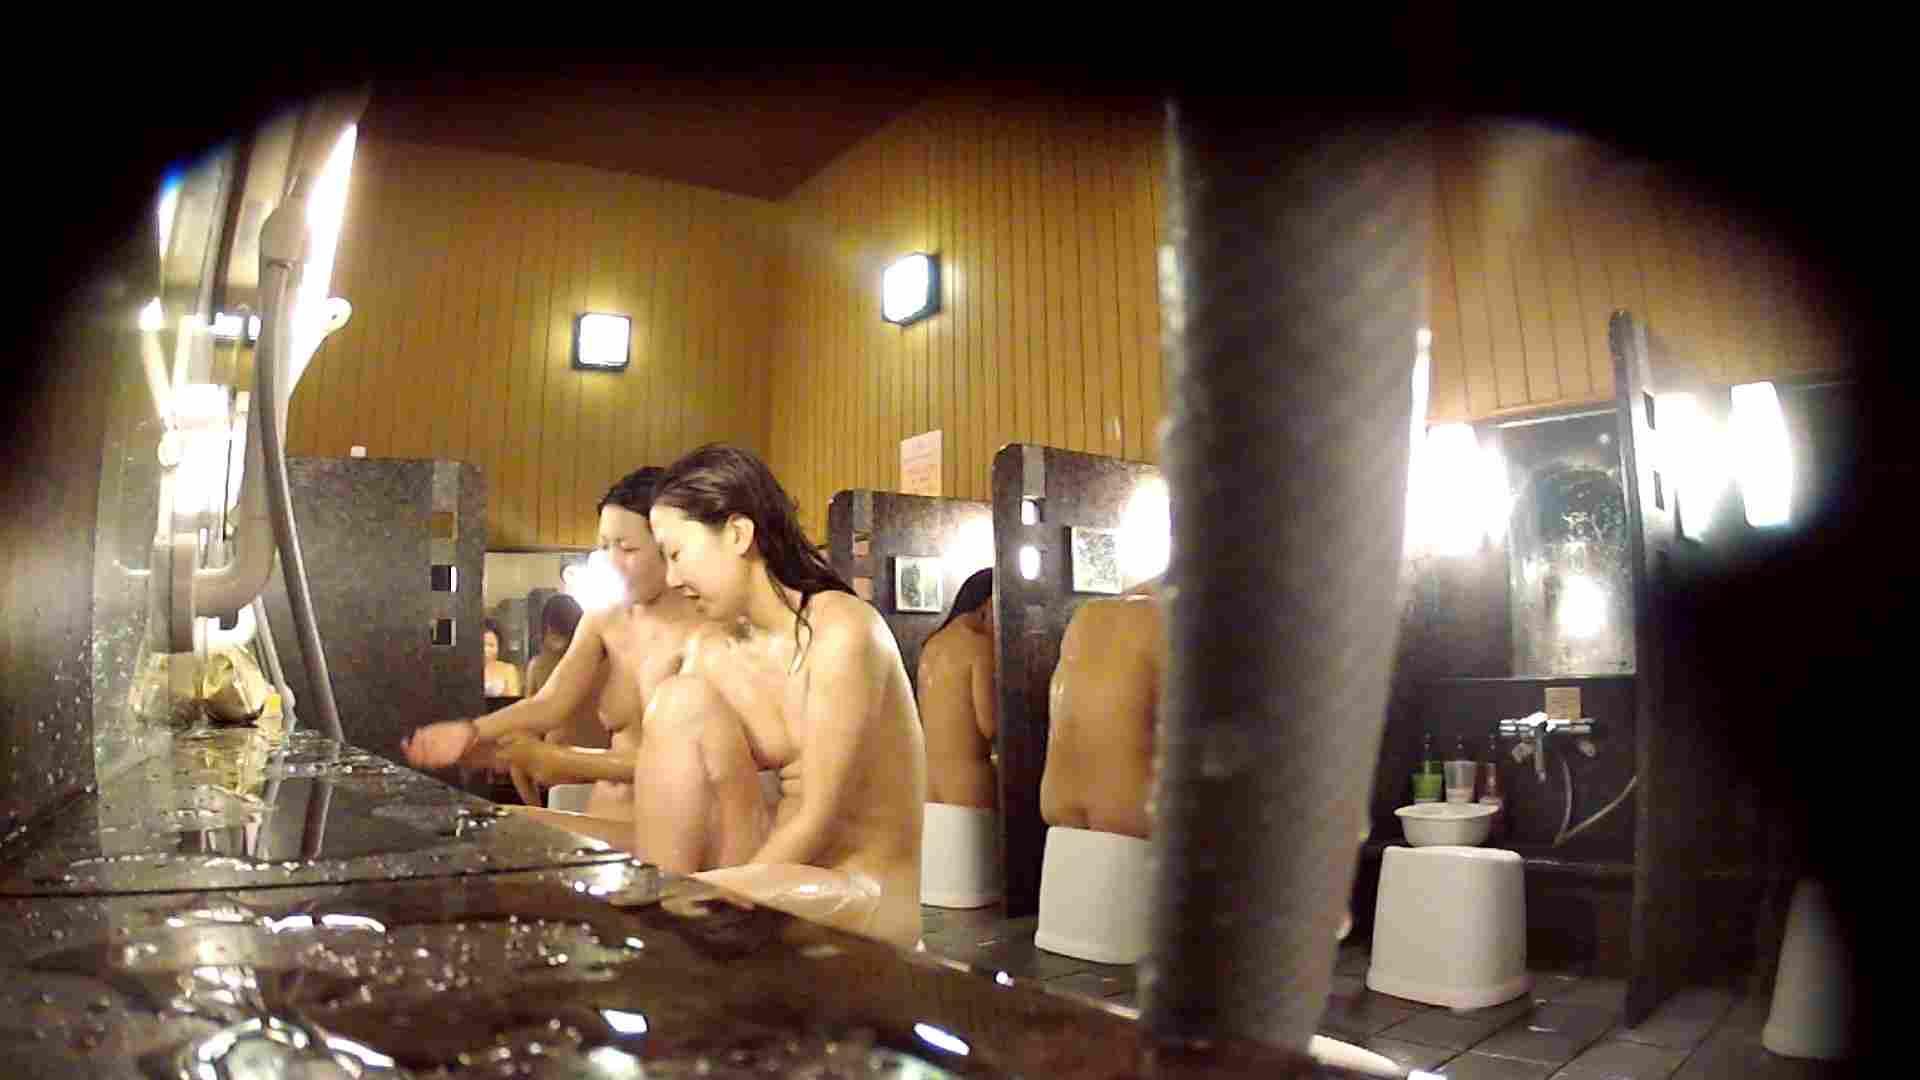 ハイビジョン 洗い場!ちょっとケバいですが、美乳です!ホースが・・・ 美肌 | 細身  86画像 19